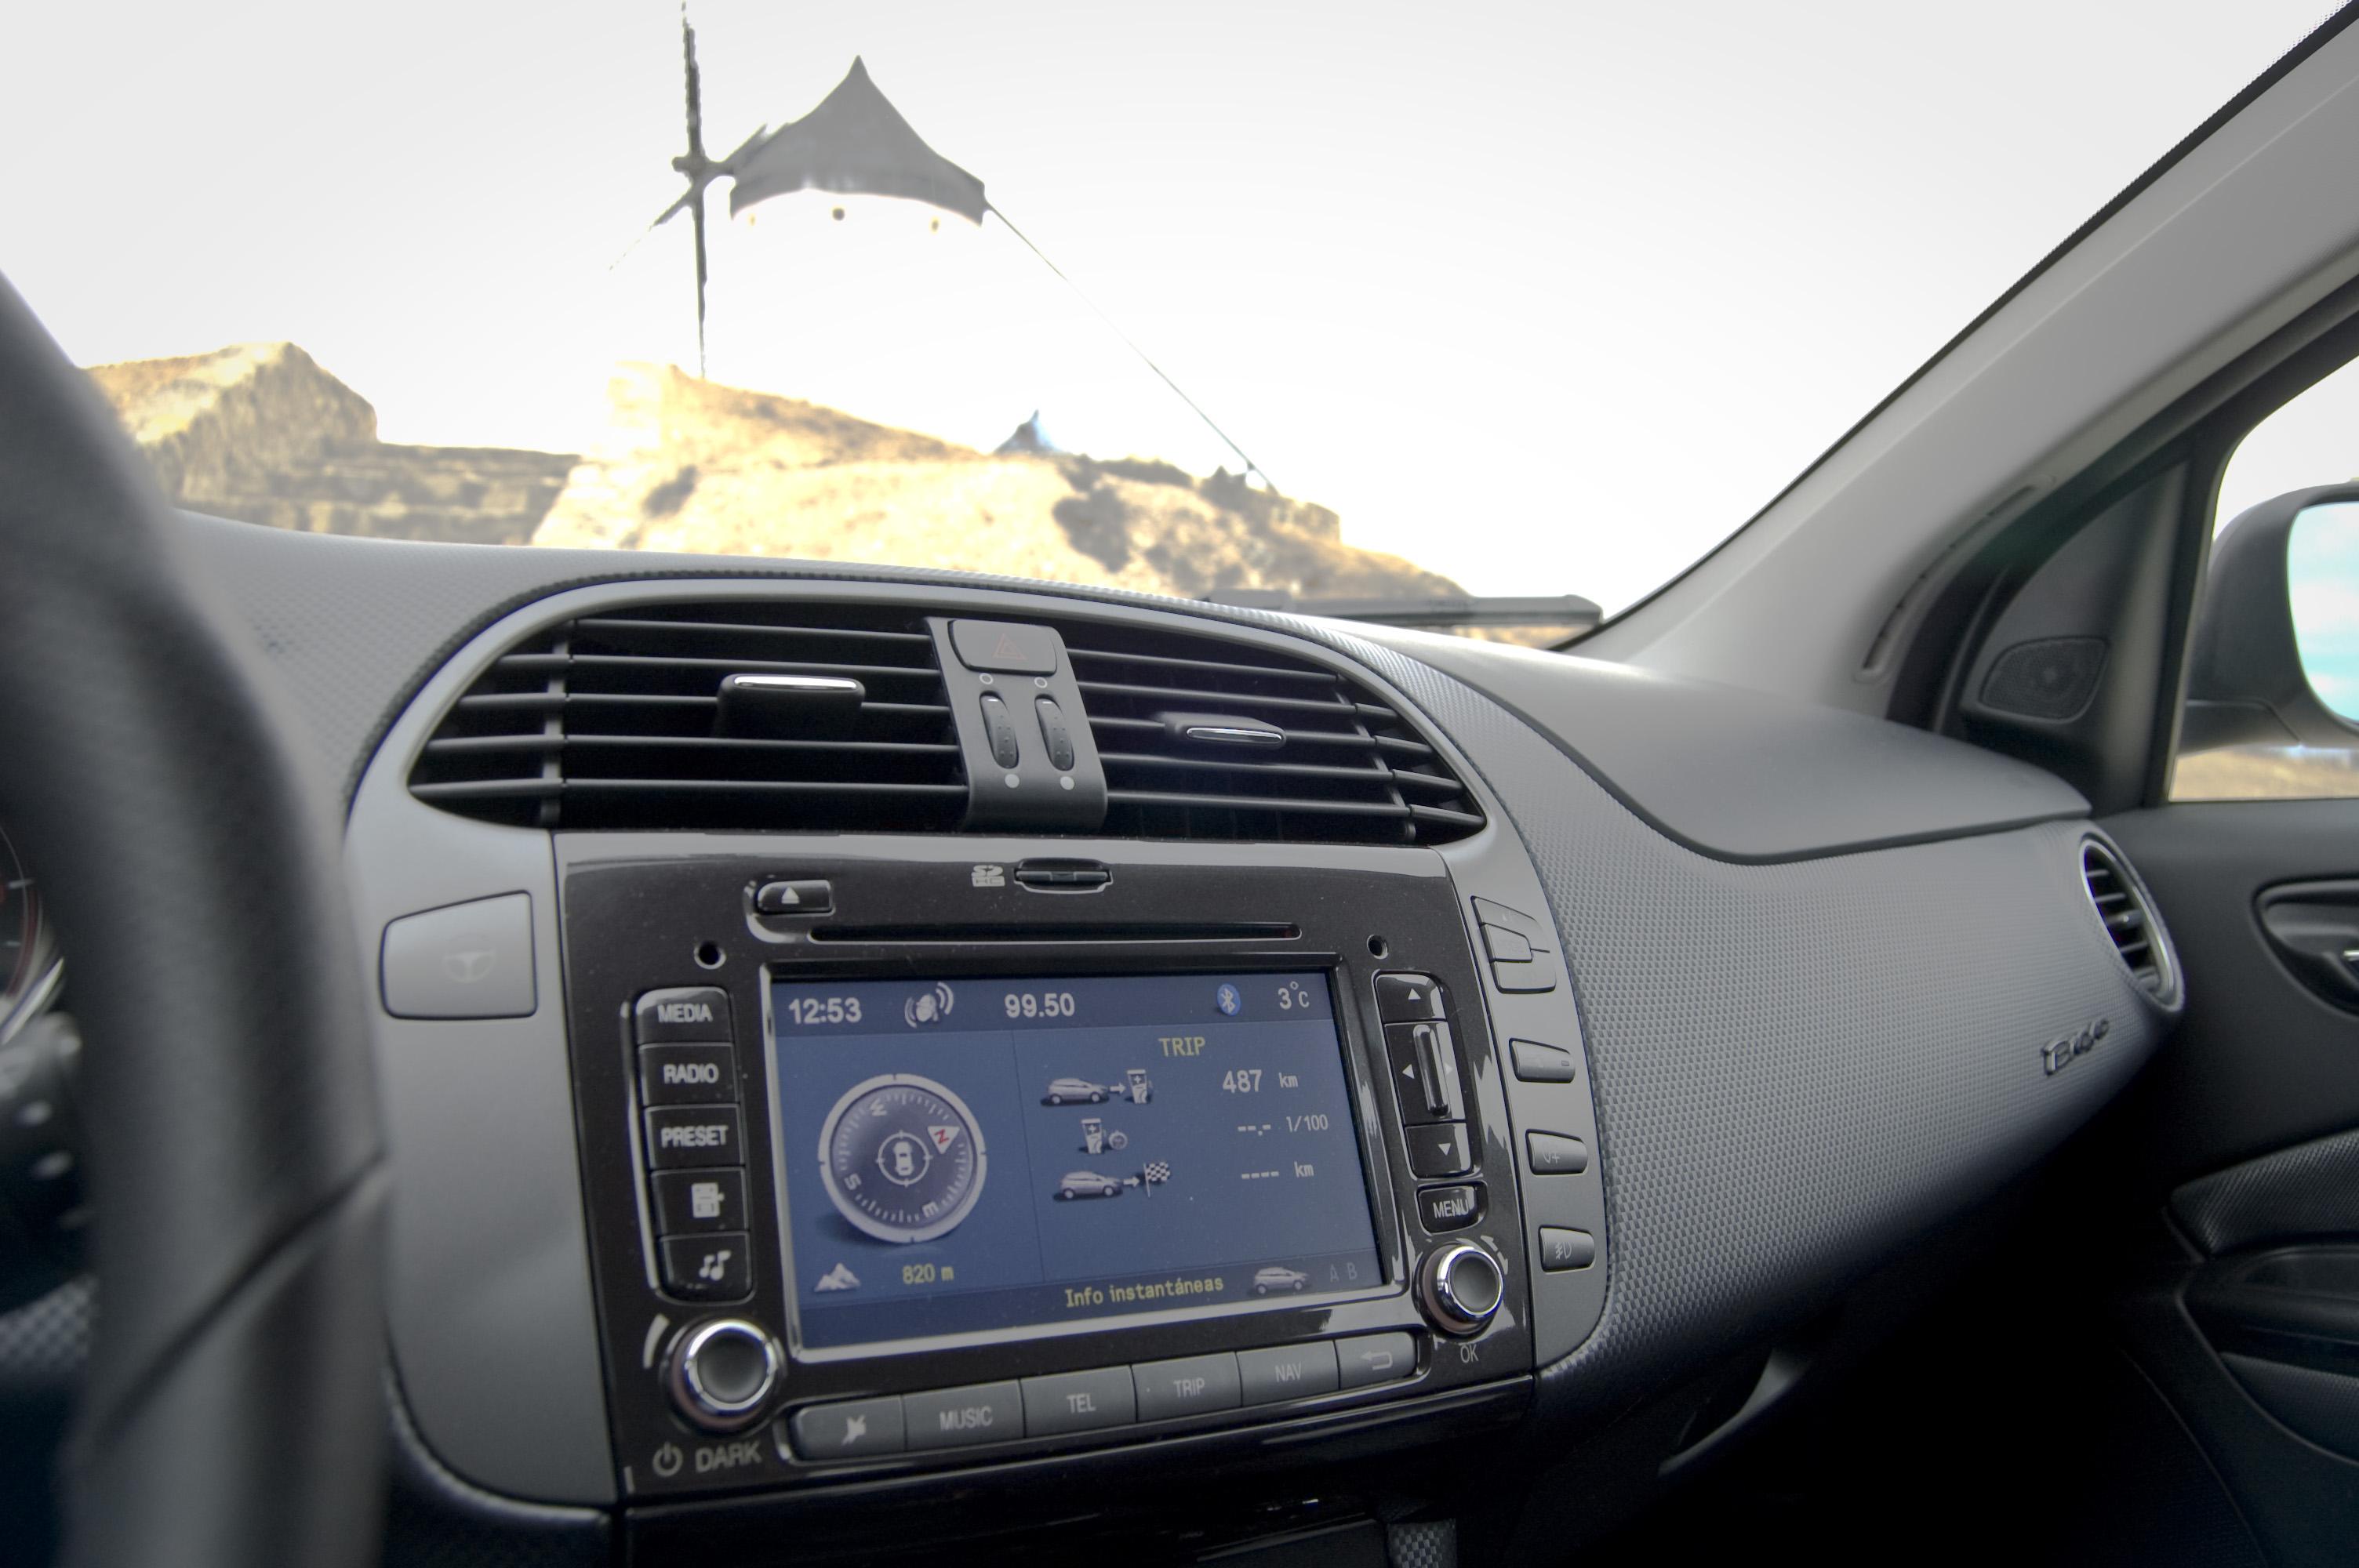 Auto klimatyzacja – jak o nią dbać?